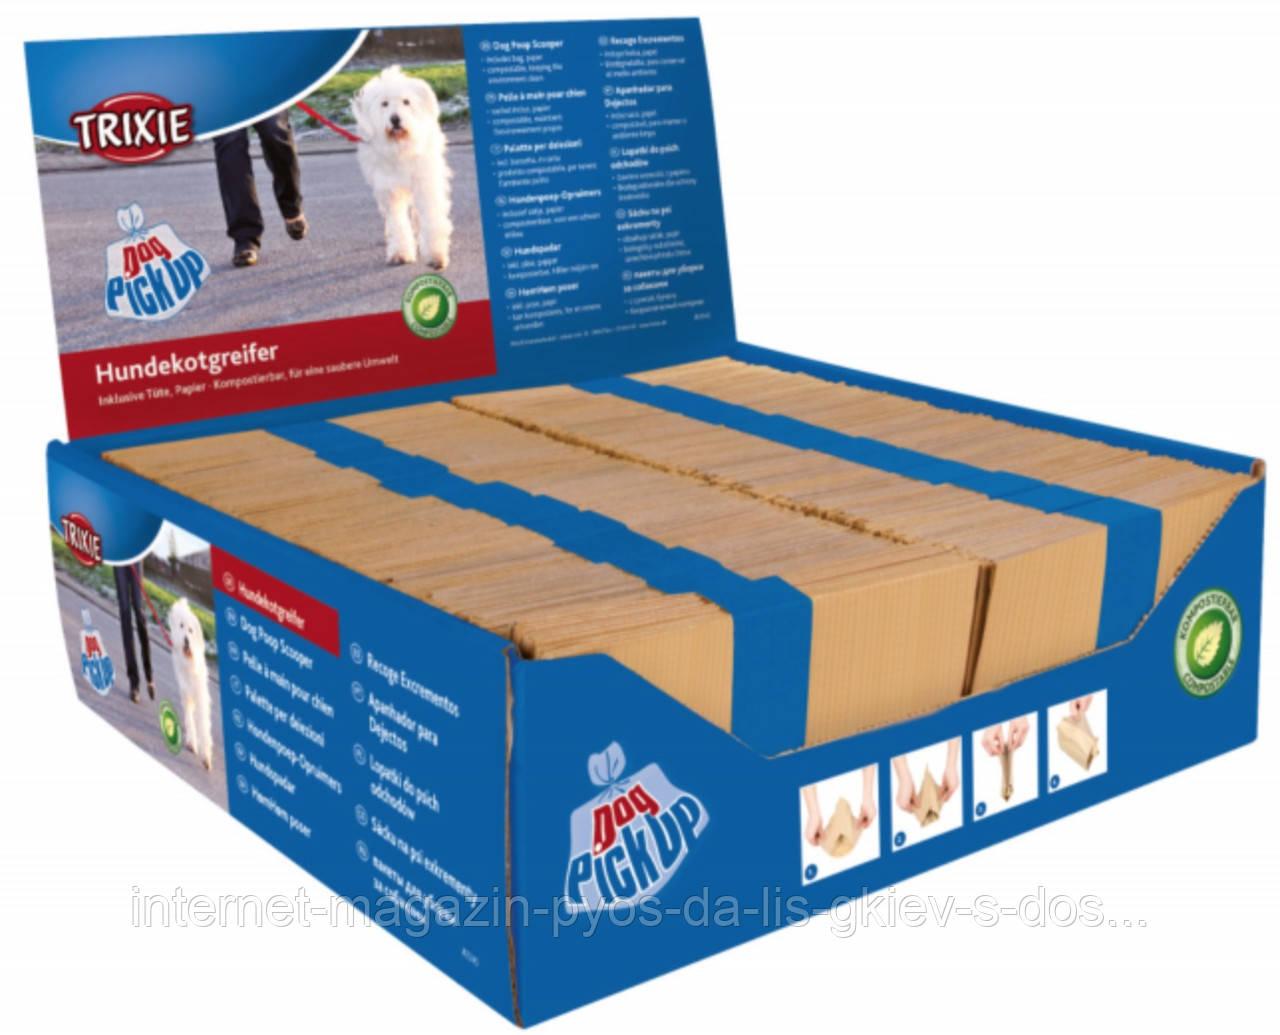 Одноразовые пакеты для уборки за собаками из биологически разлагаемого материала (24 упак.х10 шт) Trixie